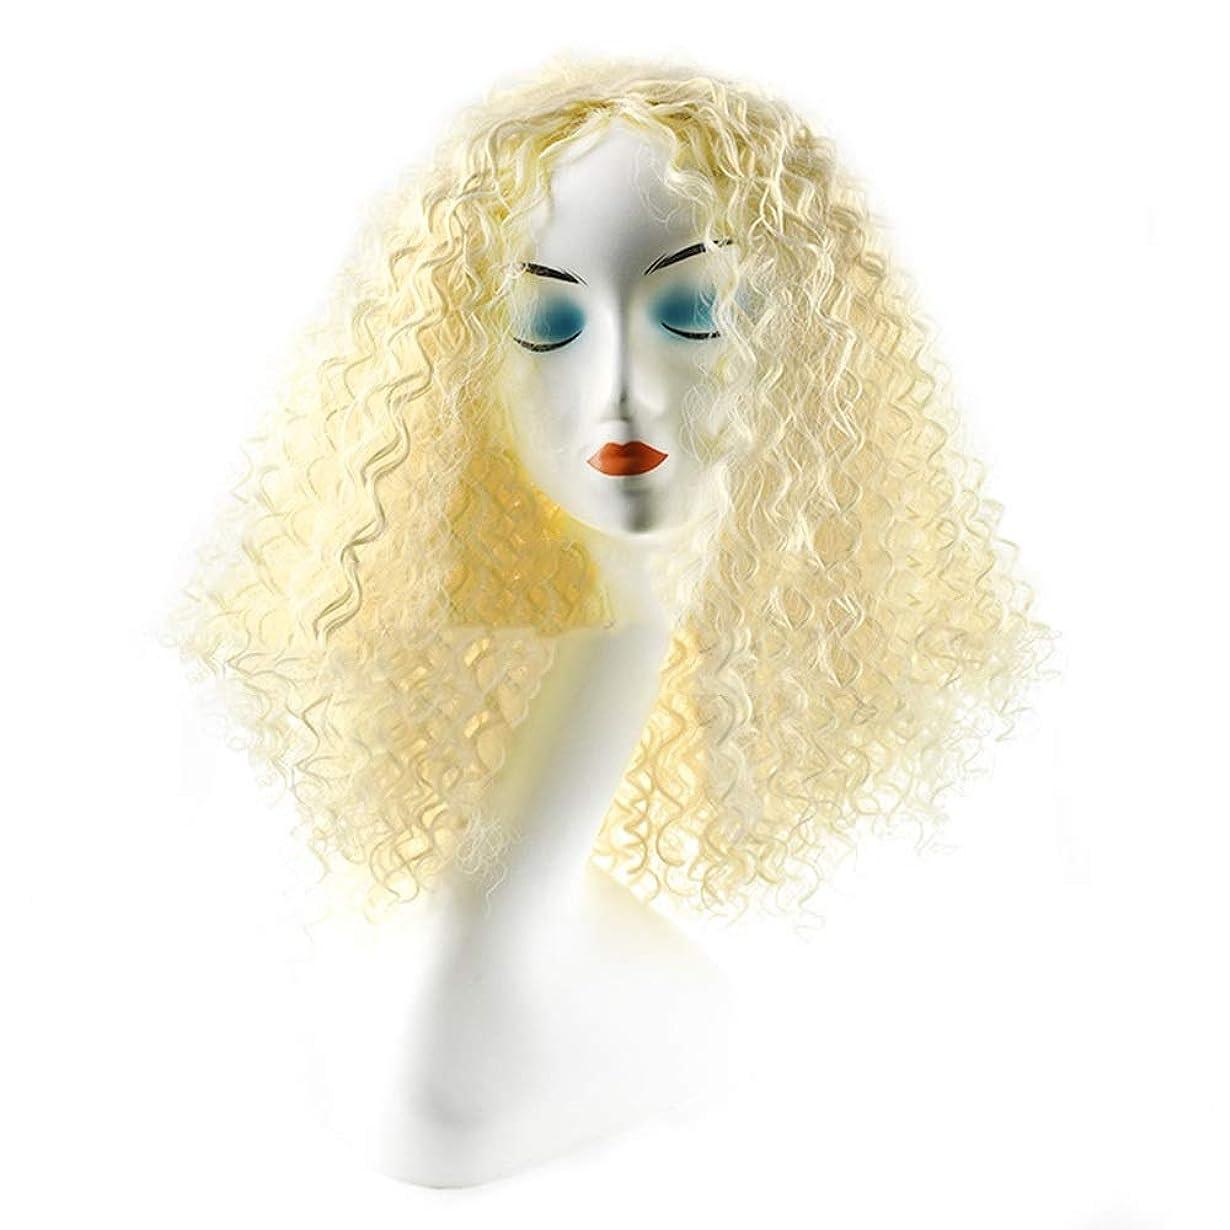 説得厳アベニューBOBIDYEE ファッションレディーブロンドショートカーリーヘアーアフリカ小音量爆発ヘッドかつら女性のための毎日のコスプレドレスパーティーかつら (色 : Blonde)